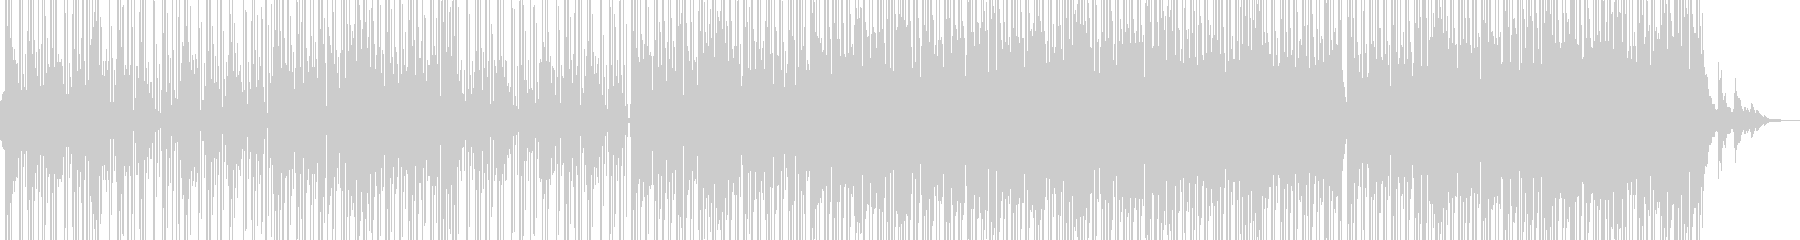 サックス・メロウな雰囲気に・R&B 短尺の未再生の波形